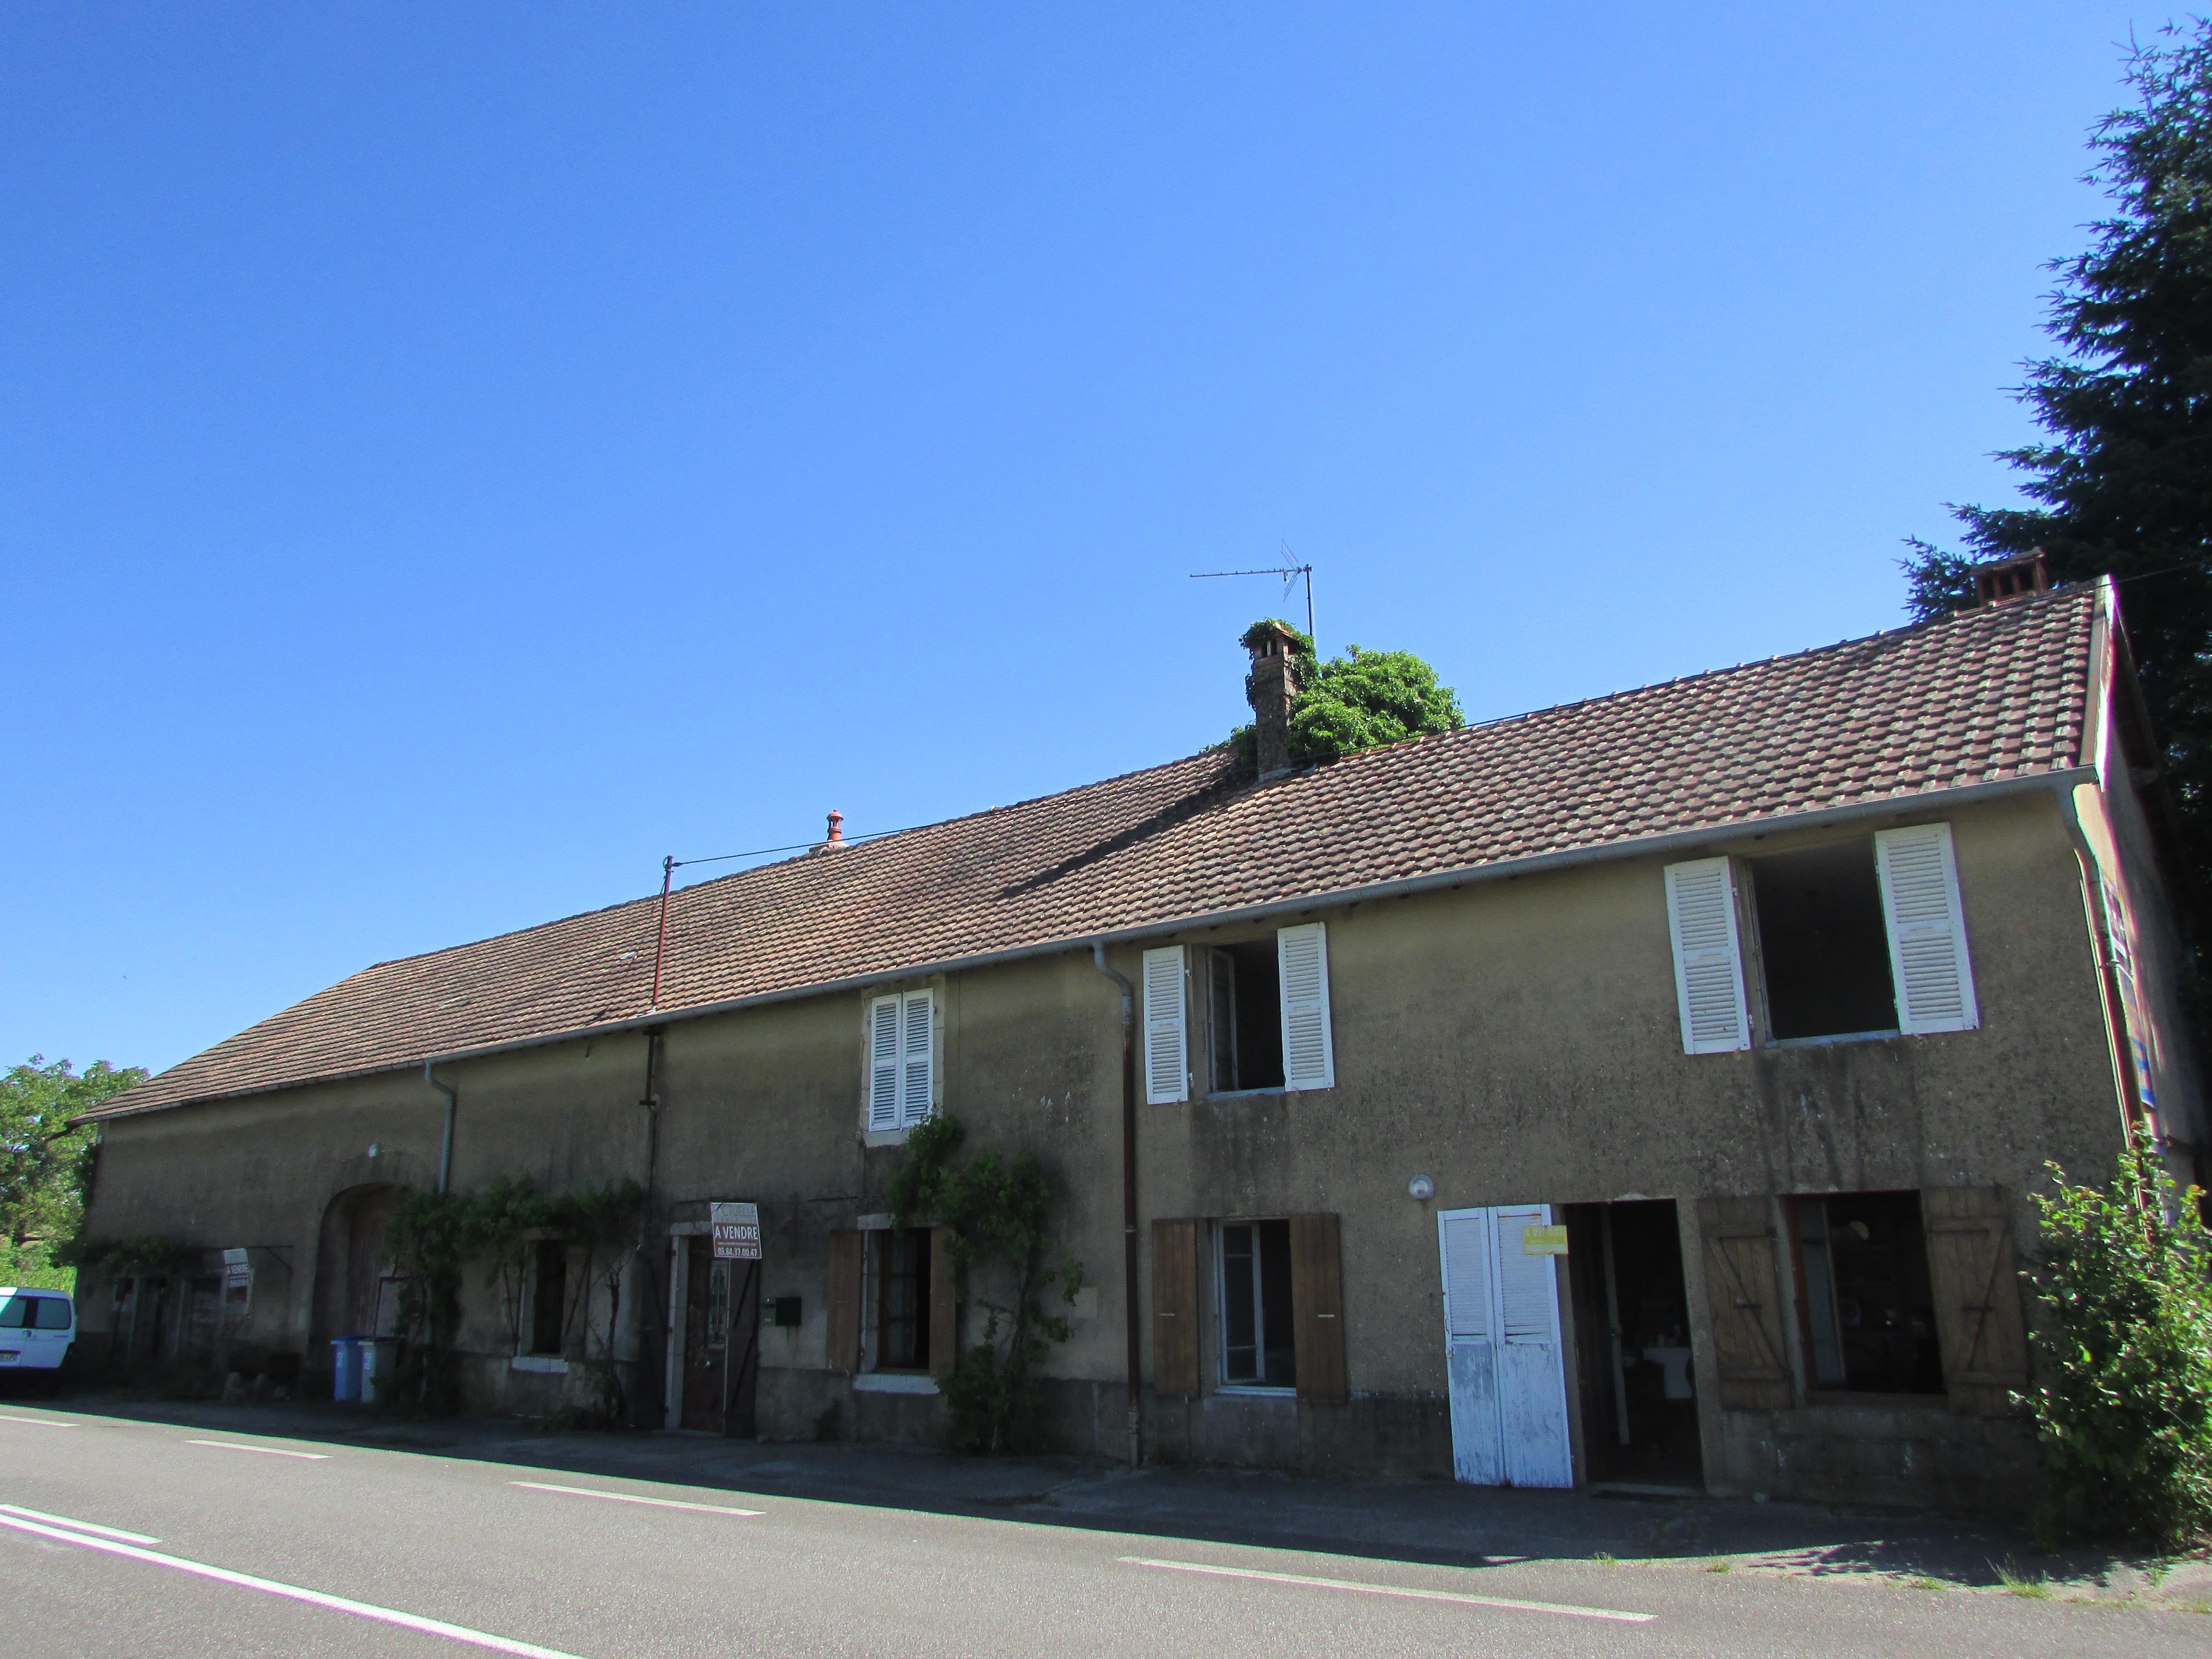 Vente maison secteur poligny actuelle immobilier for Vente bien immobilier atypique